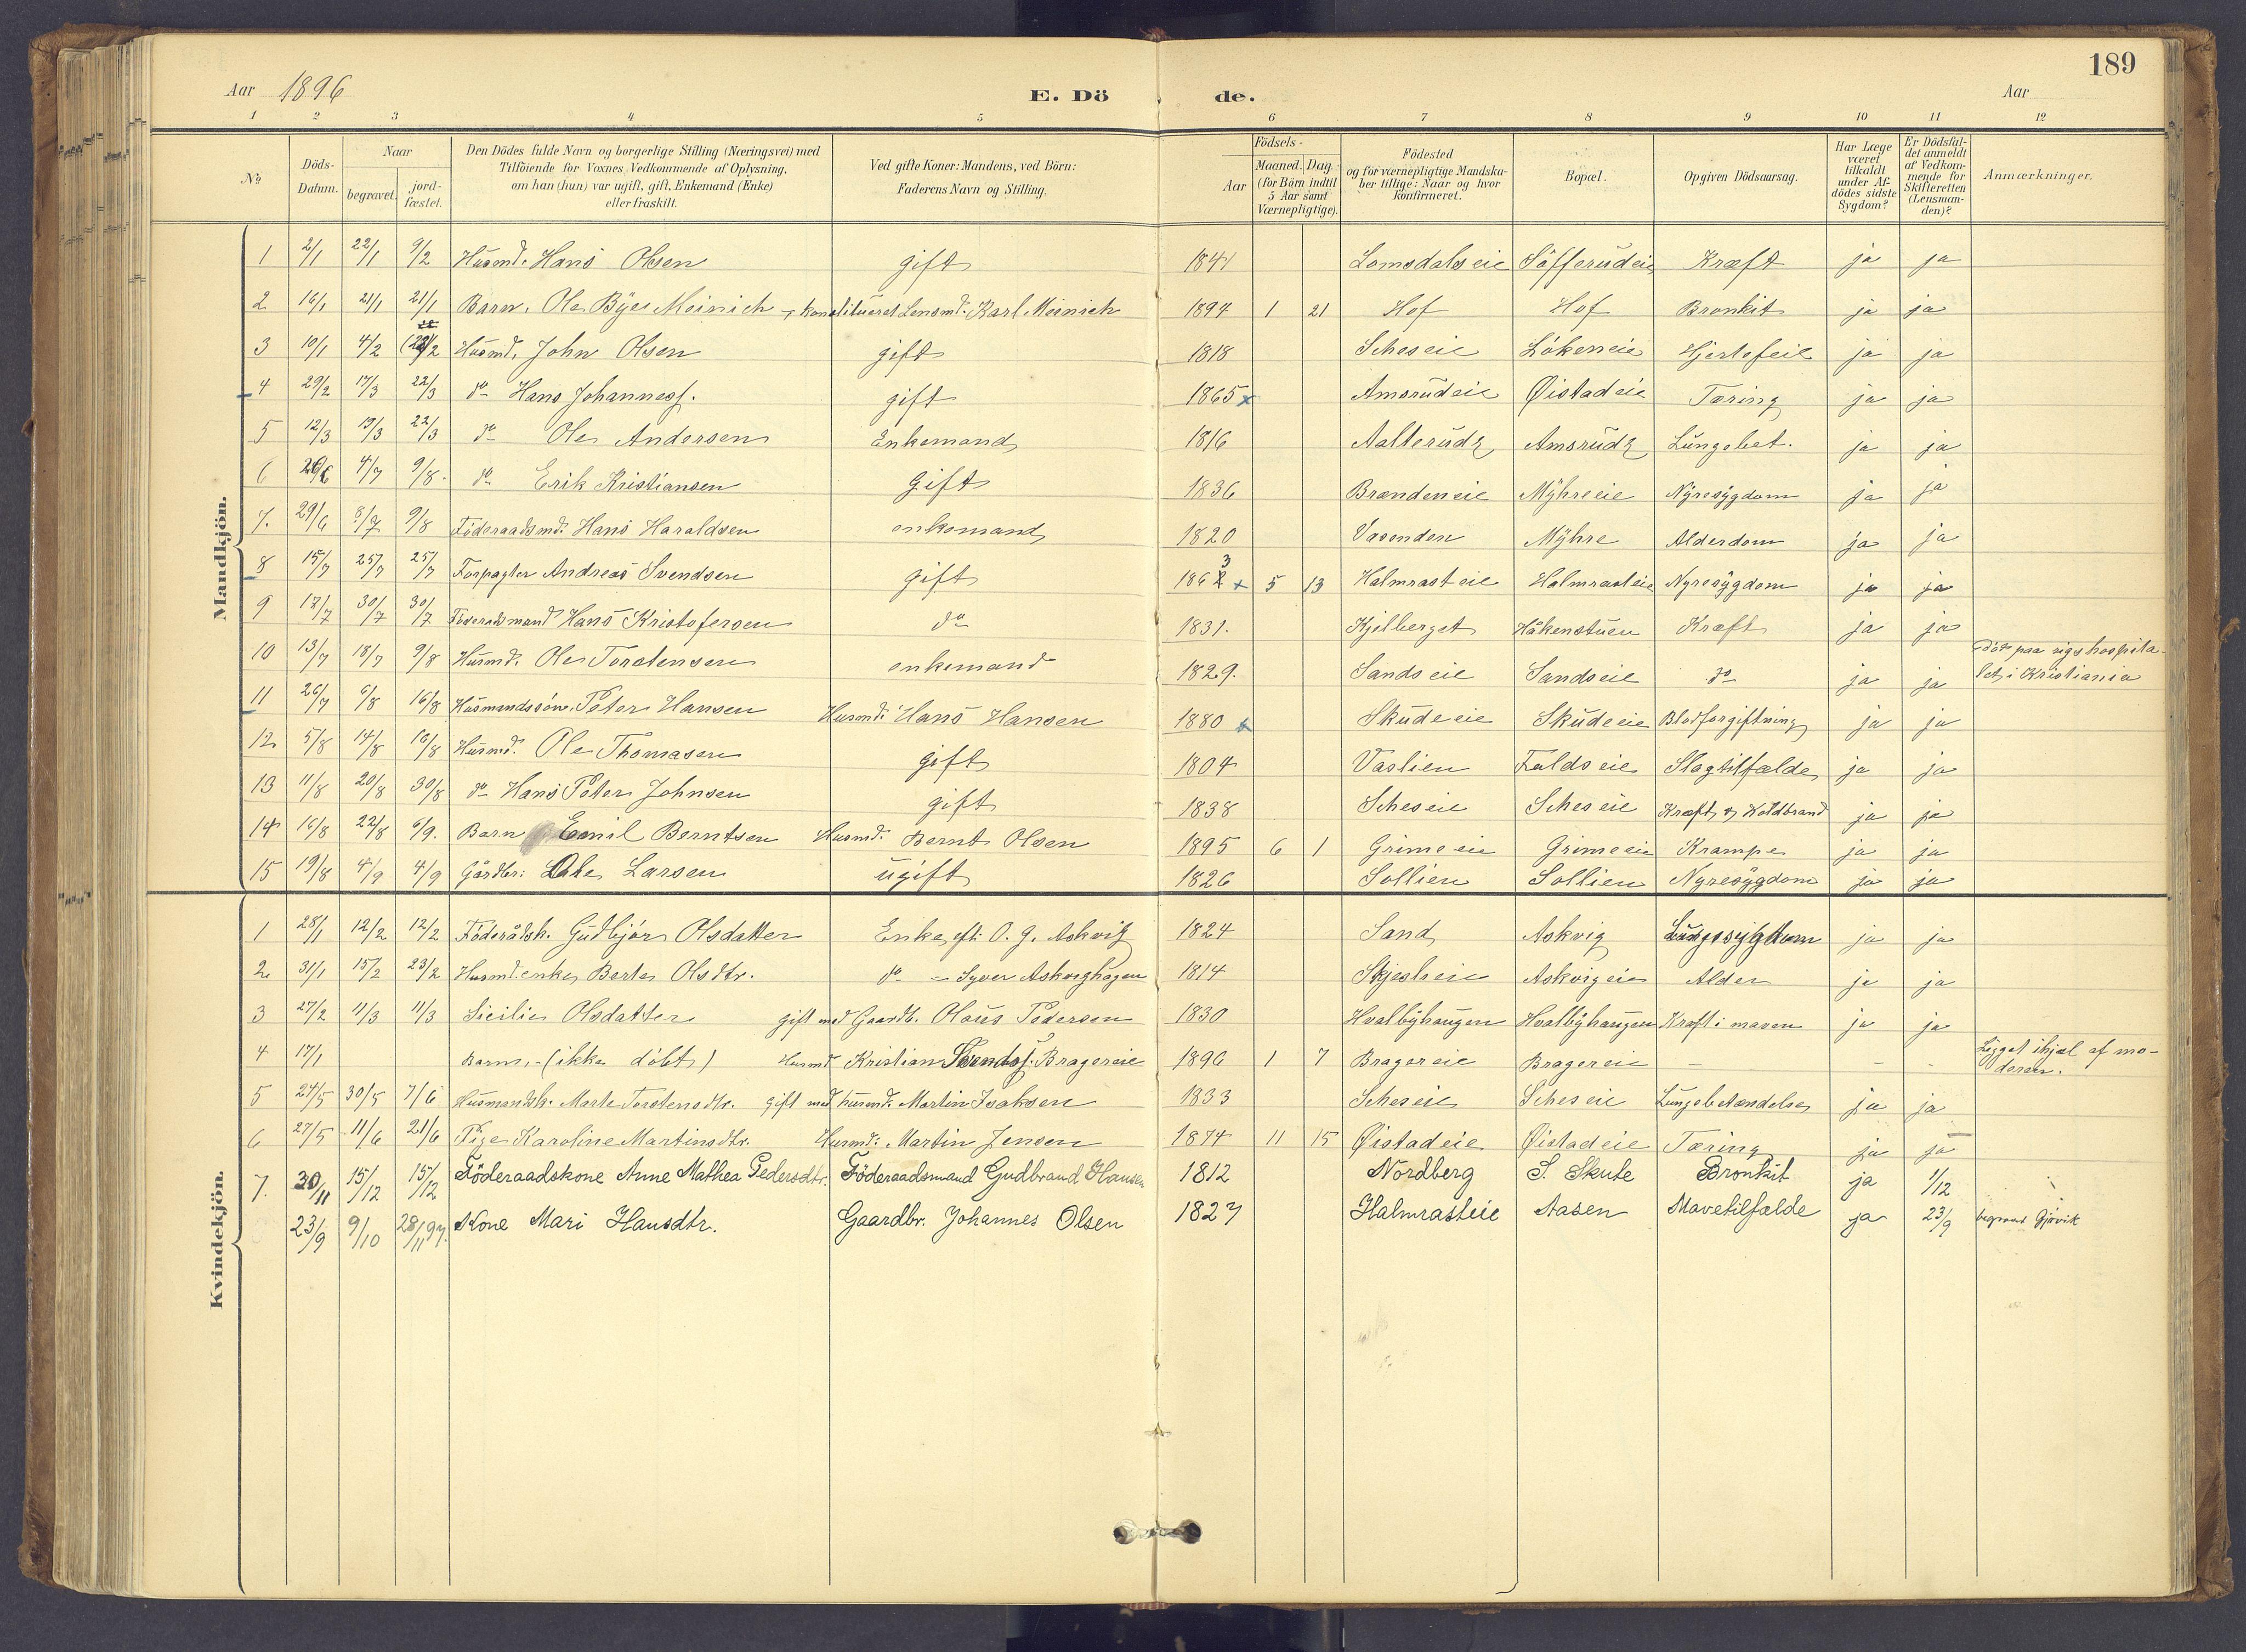 SAH, Søndre Land prestekontor, K/L0006: Ministerialbok nr. 6, 1895-1904, s. 189